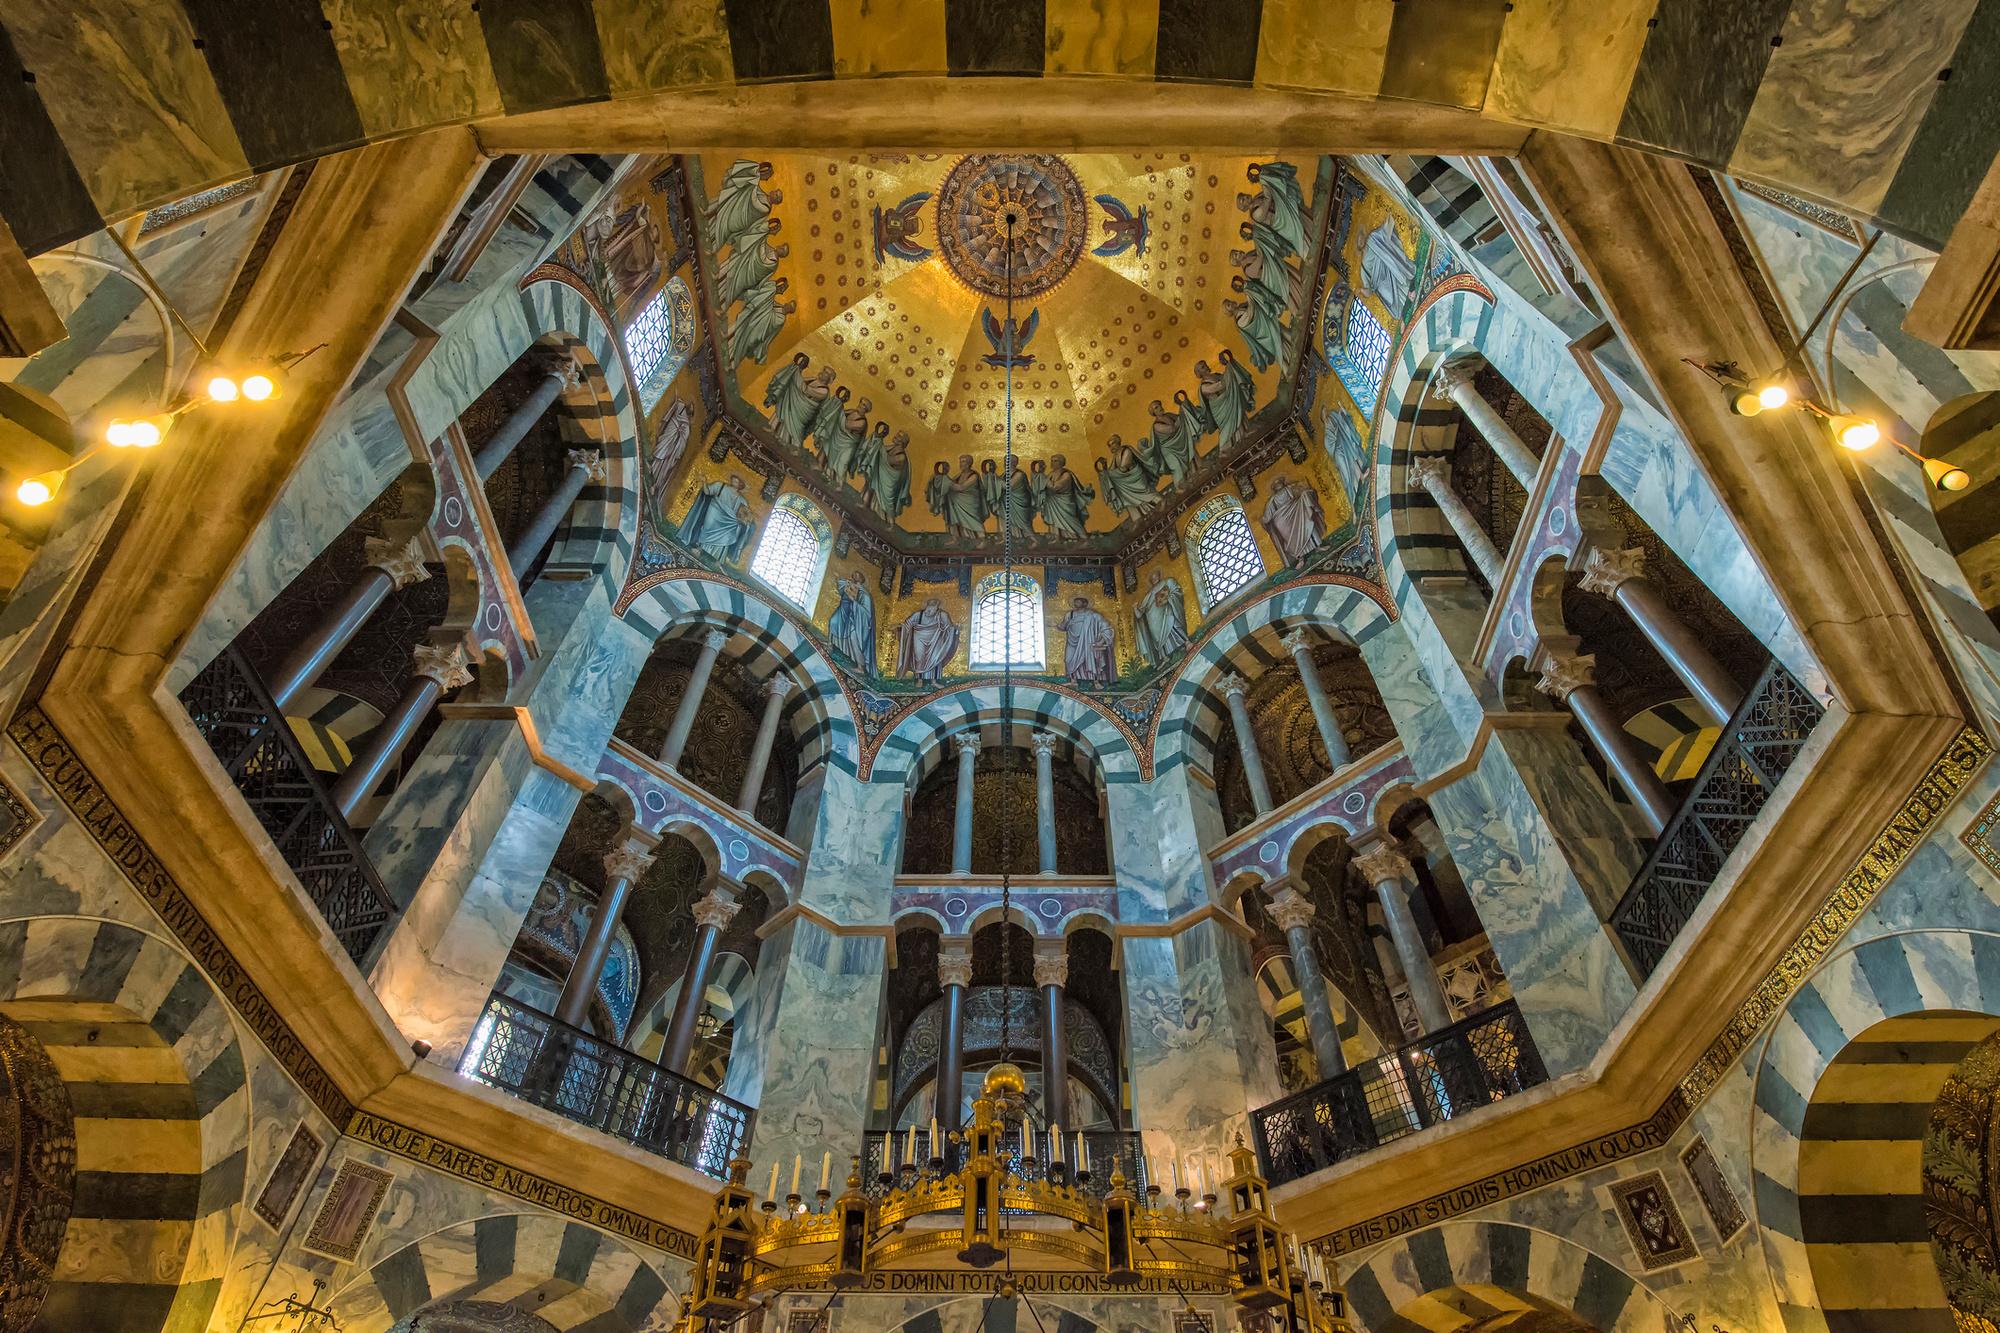 De Dom van Aken, Unesco-werelderfgoed., Getty